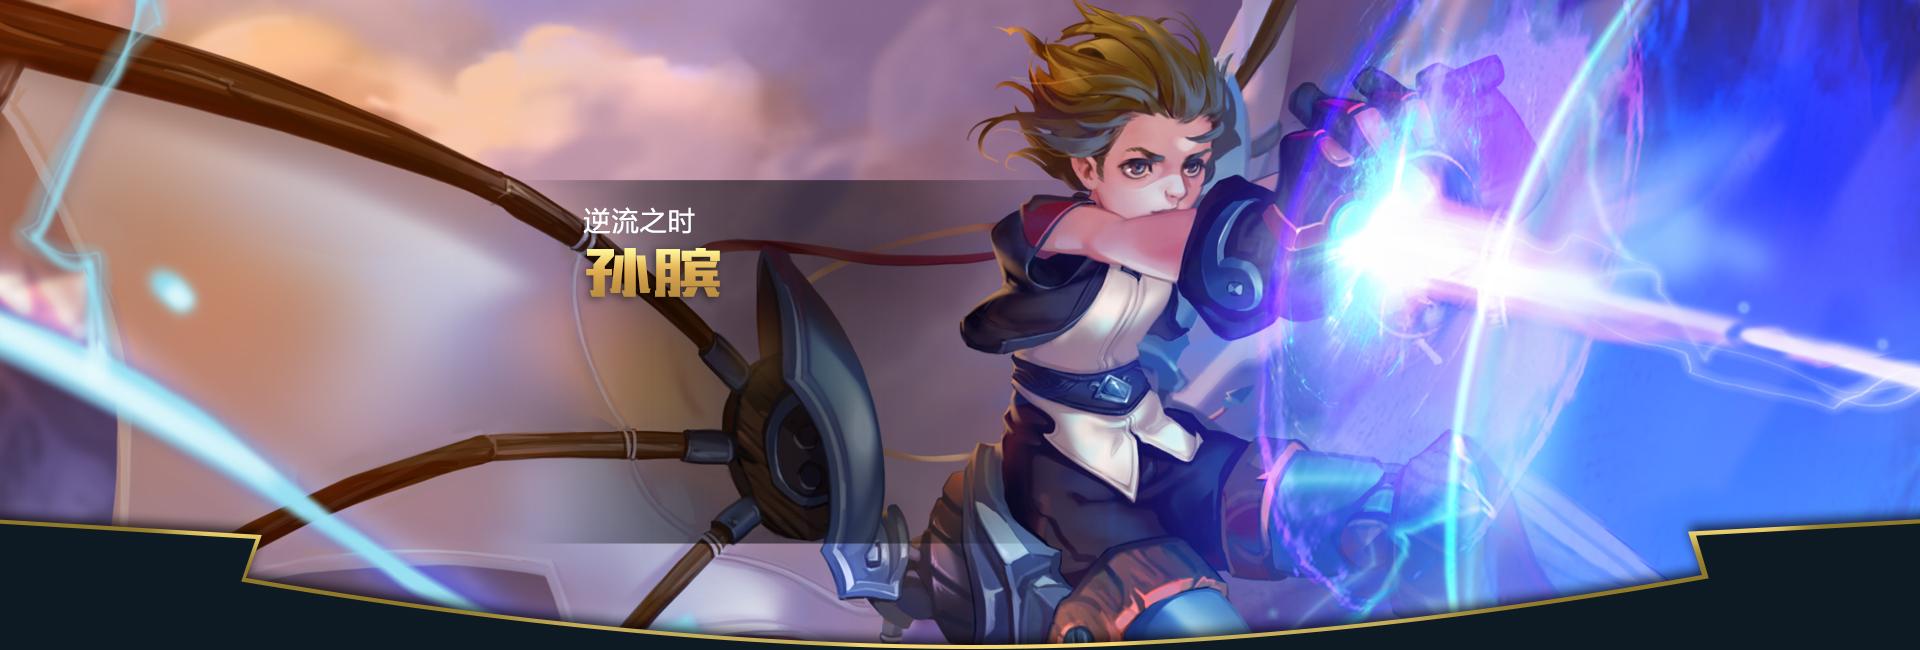 第2弹《王者荣耀英雄皮肤CG》竞技游戏87